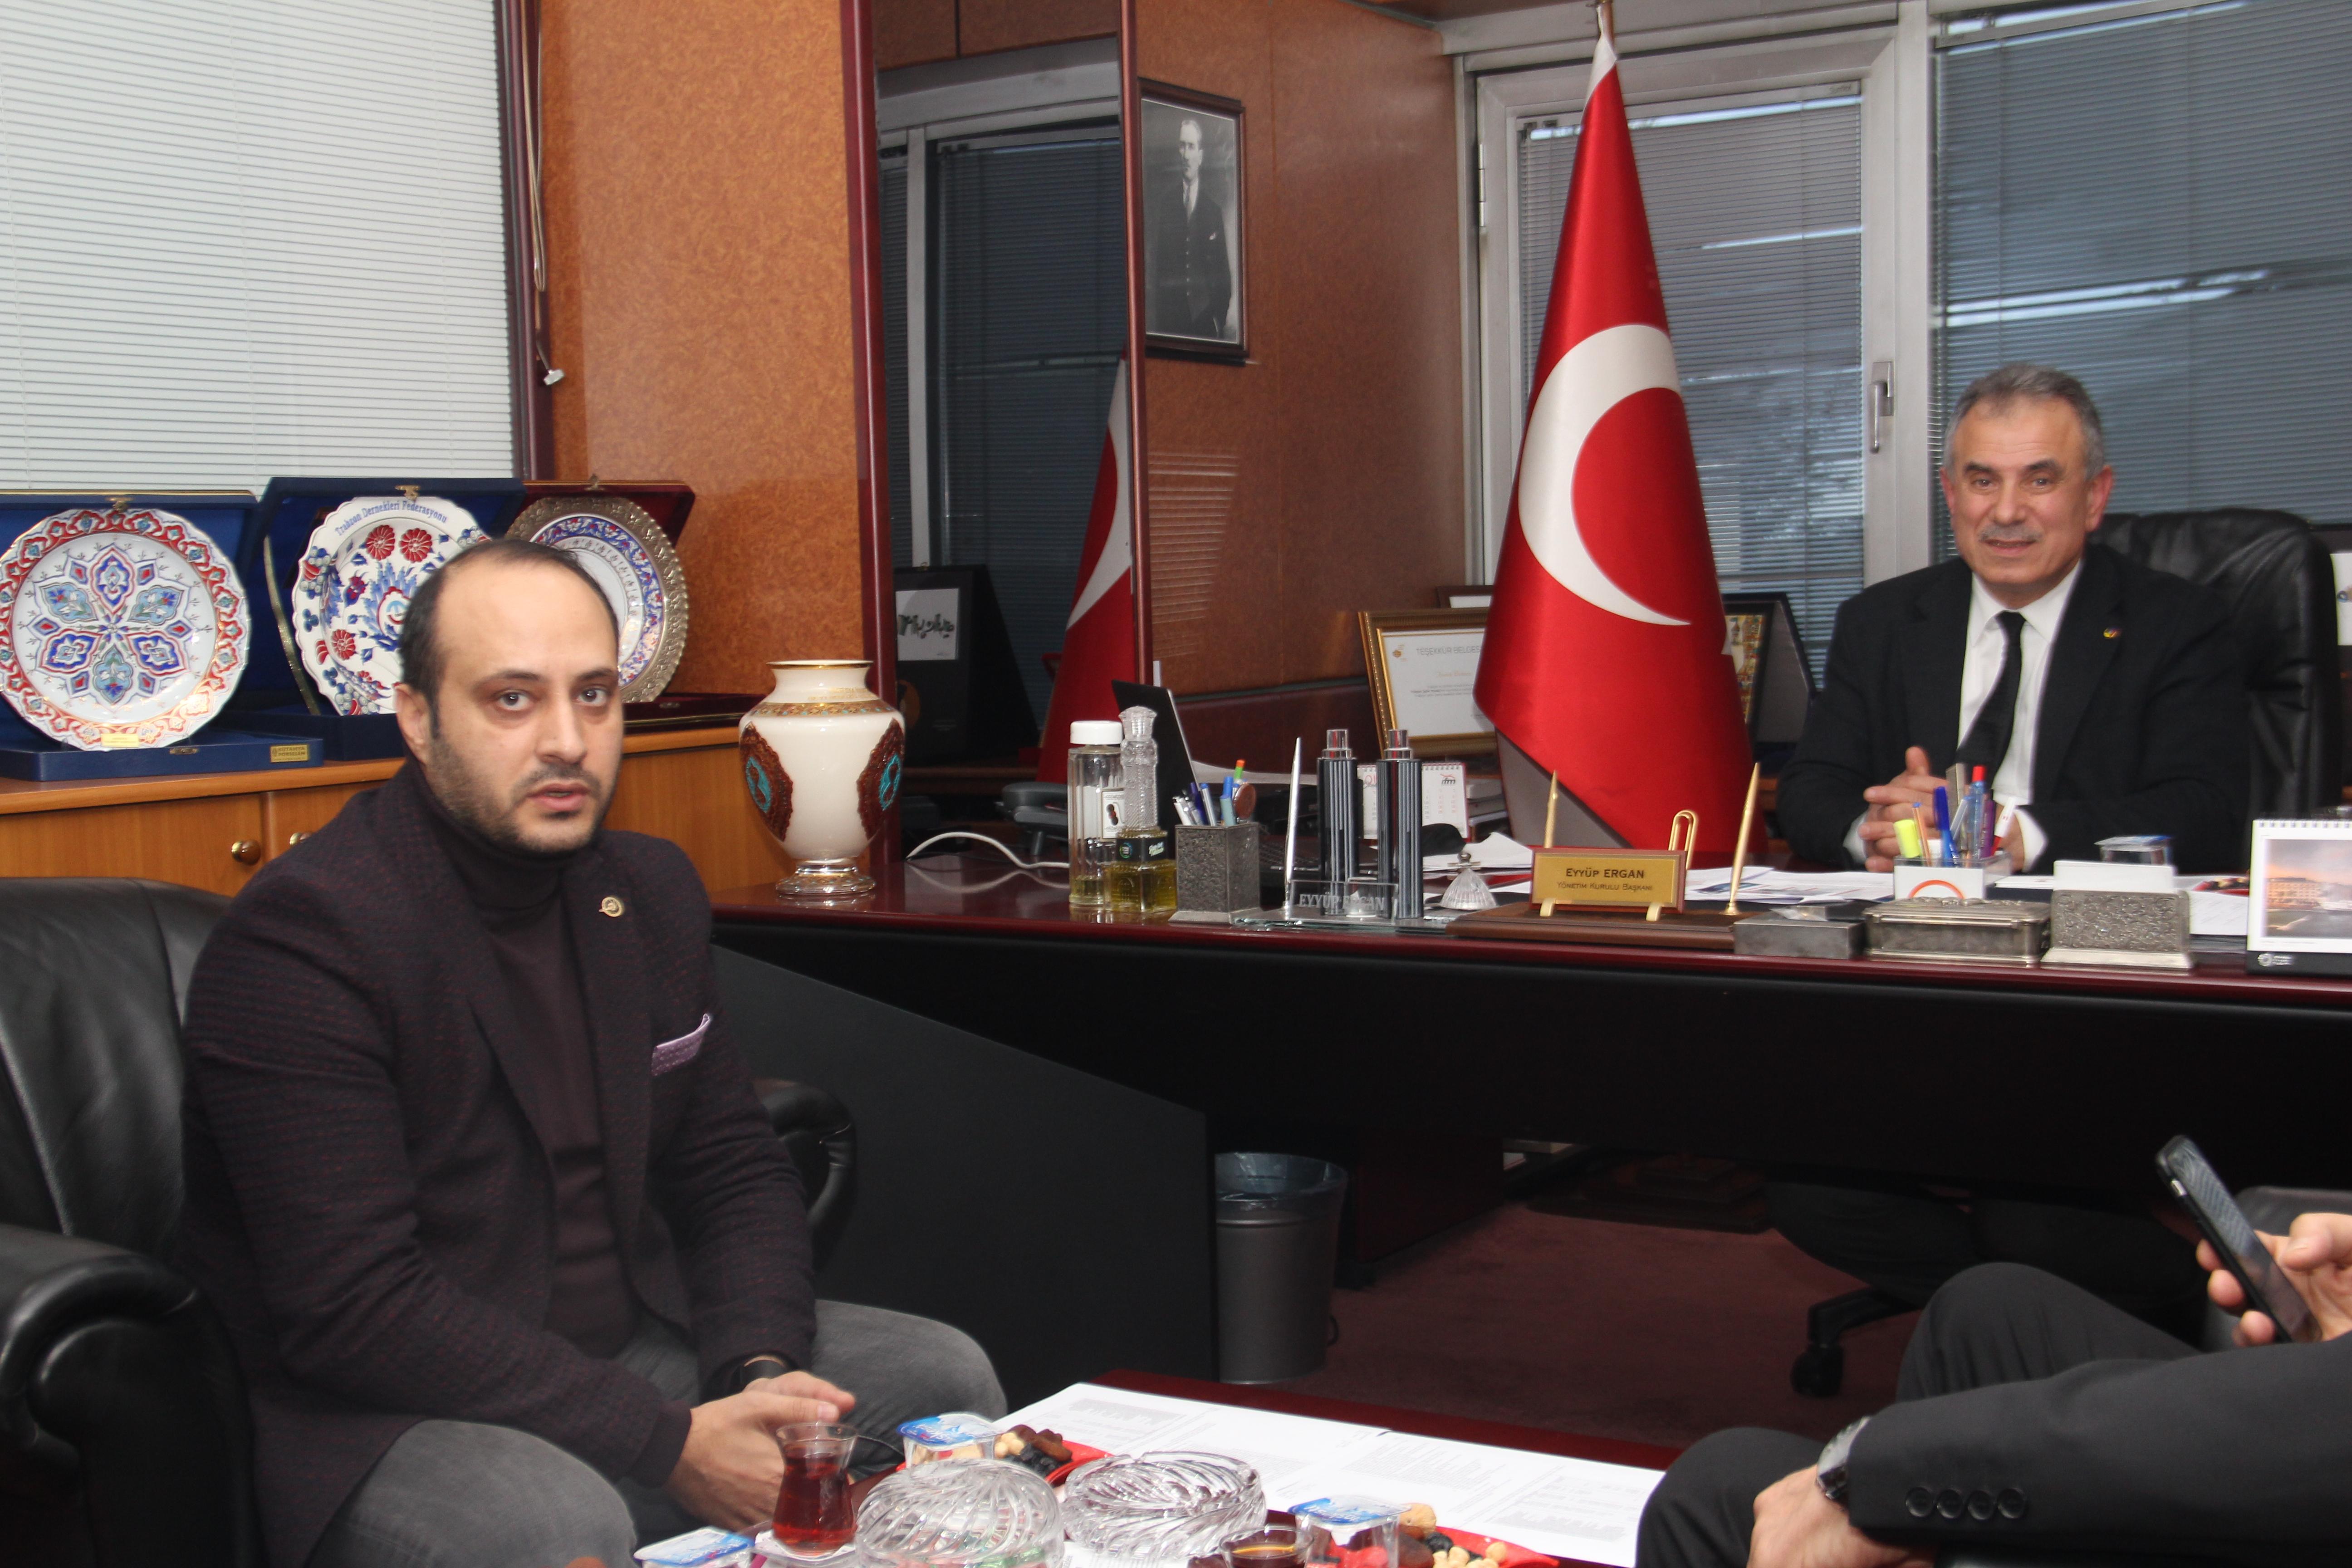 Dünya Gazetesi Temsilcisi Osman Şişko'dan ziyaret